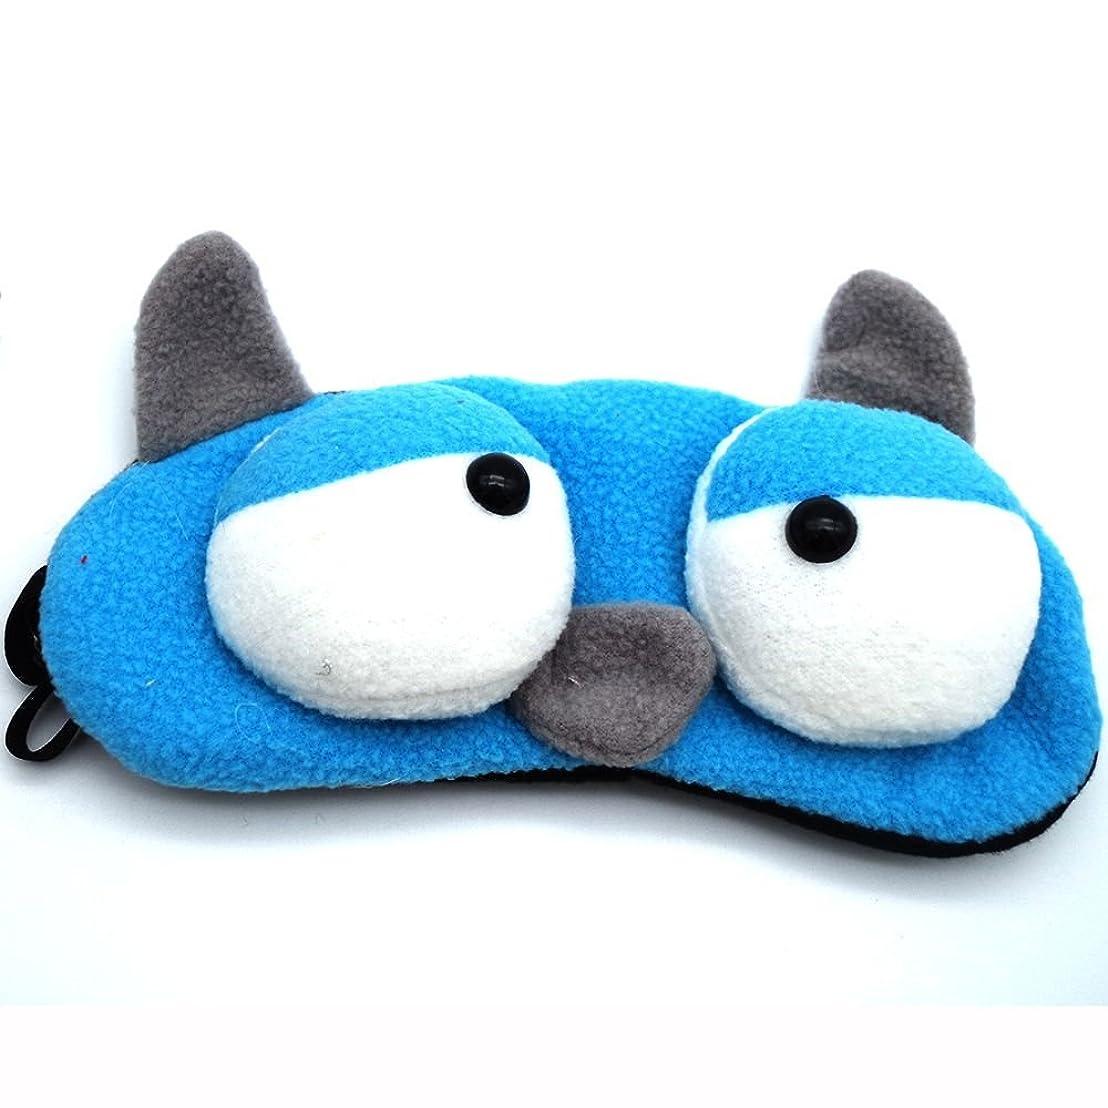 ミネラルラオス人立法NOTE 1ピースかわいい動物睡眠アイマスクパッド入りシェードカバーフランネル睡眠マスク休息旅行リラックス睡眠補助目隠しカバーアイパット